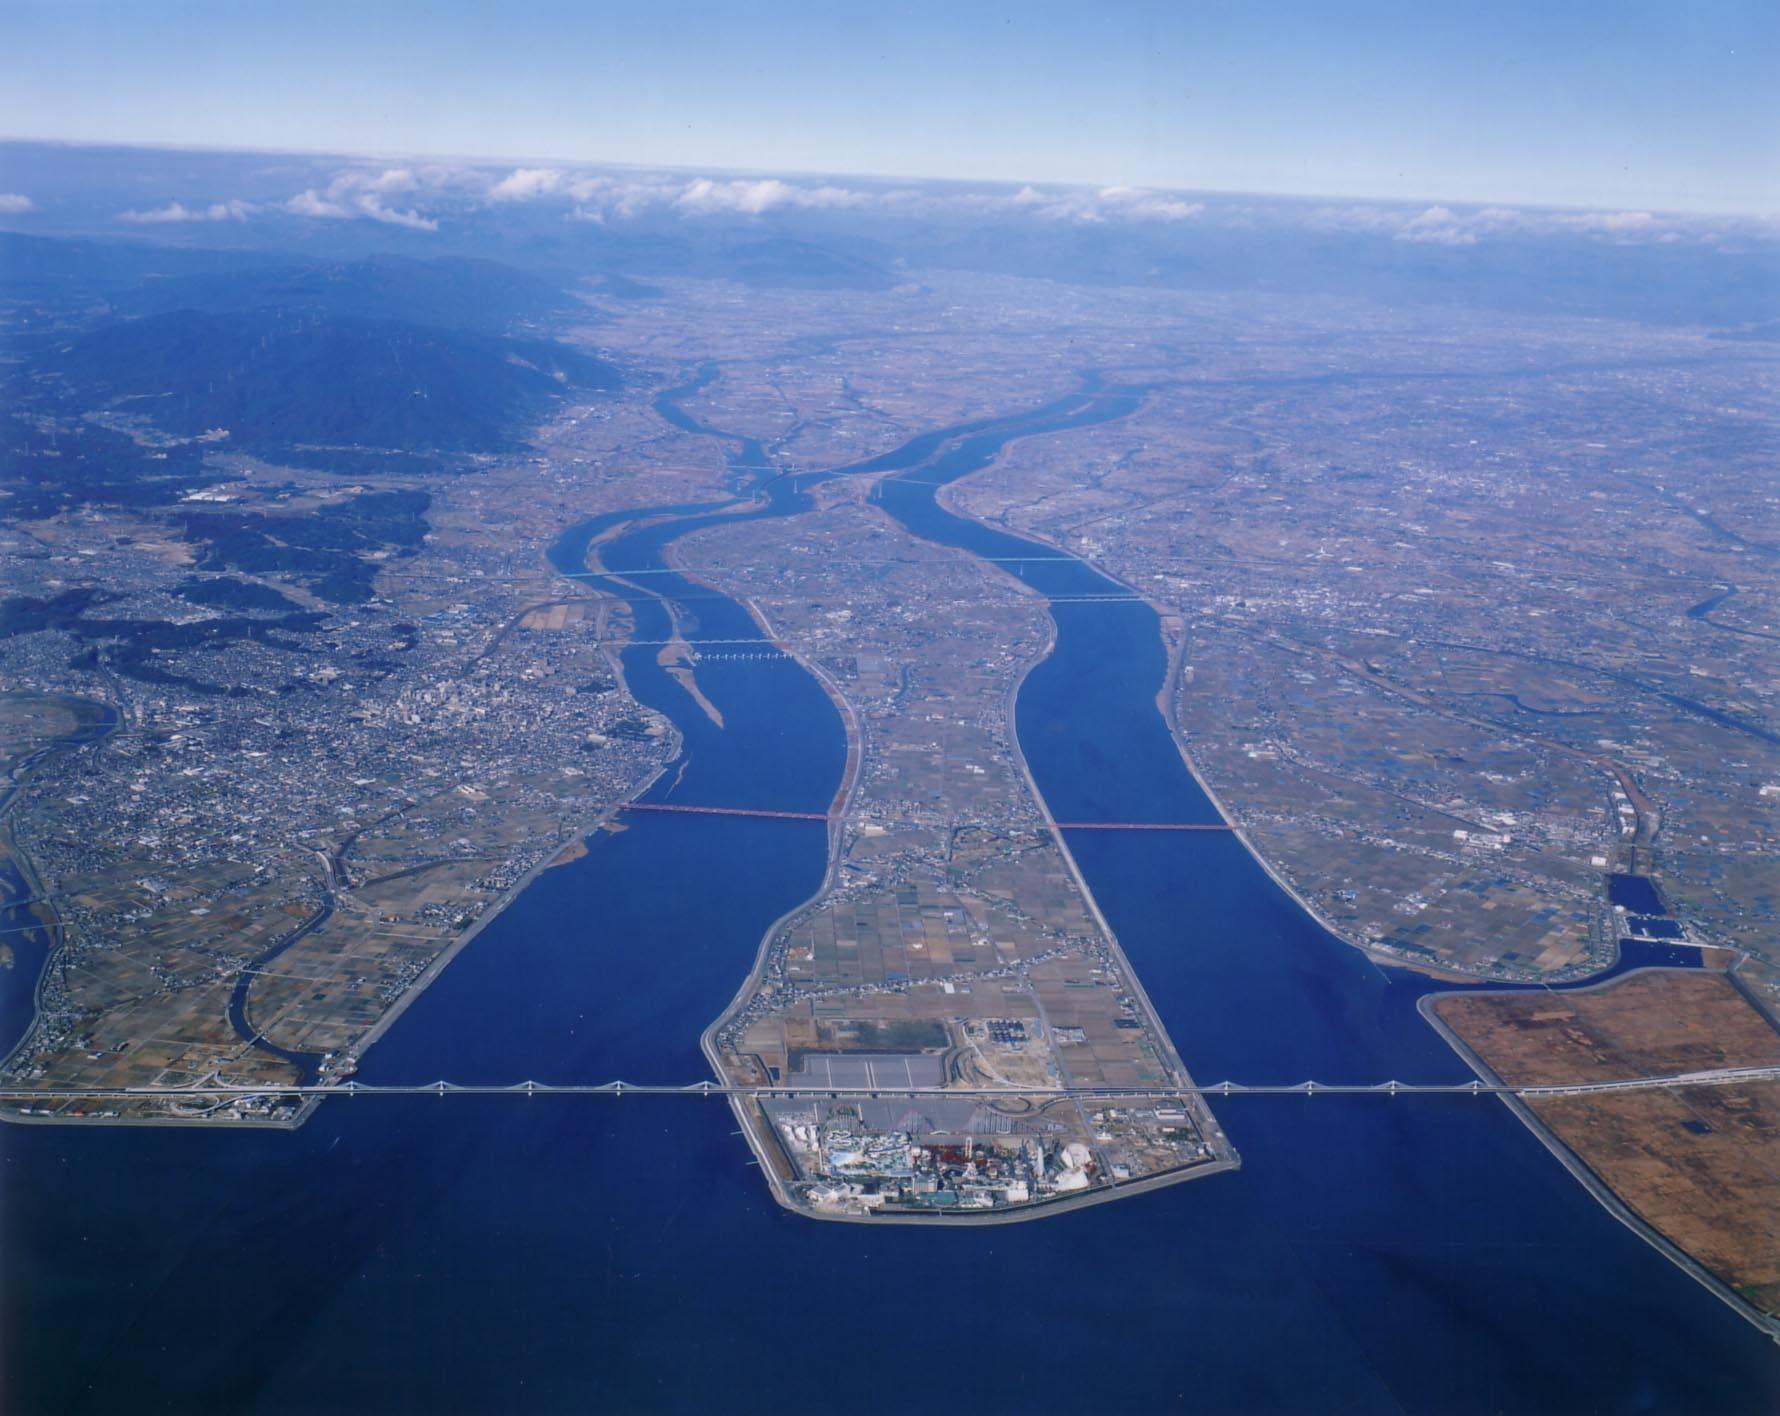 桑名市のおすすめ観光スポット4選!人気のレジャー施設やお祭りも紹介!